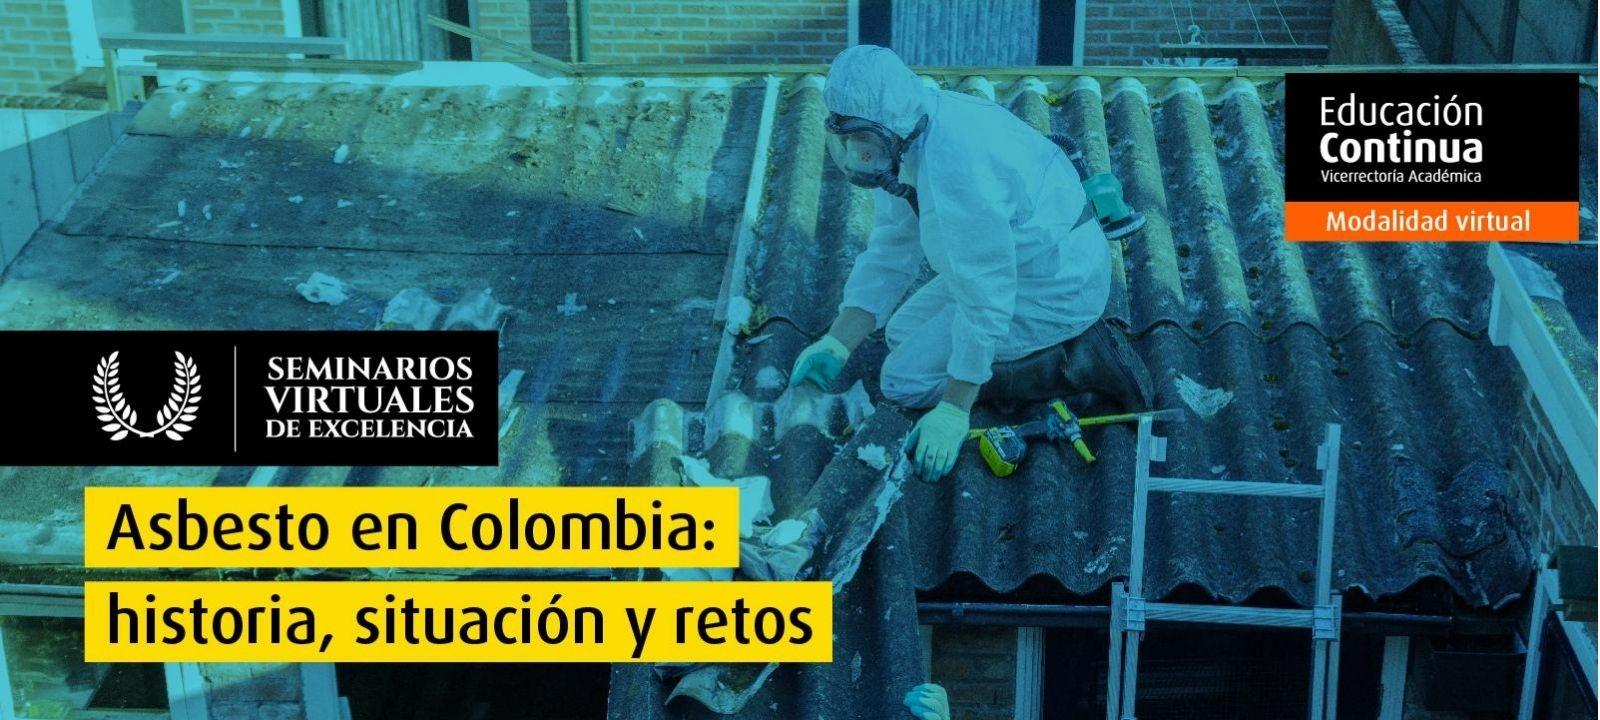 Curso virtual - Asbesto en Colombia: historia, situación y retos